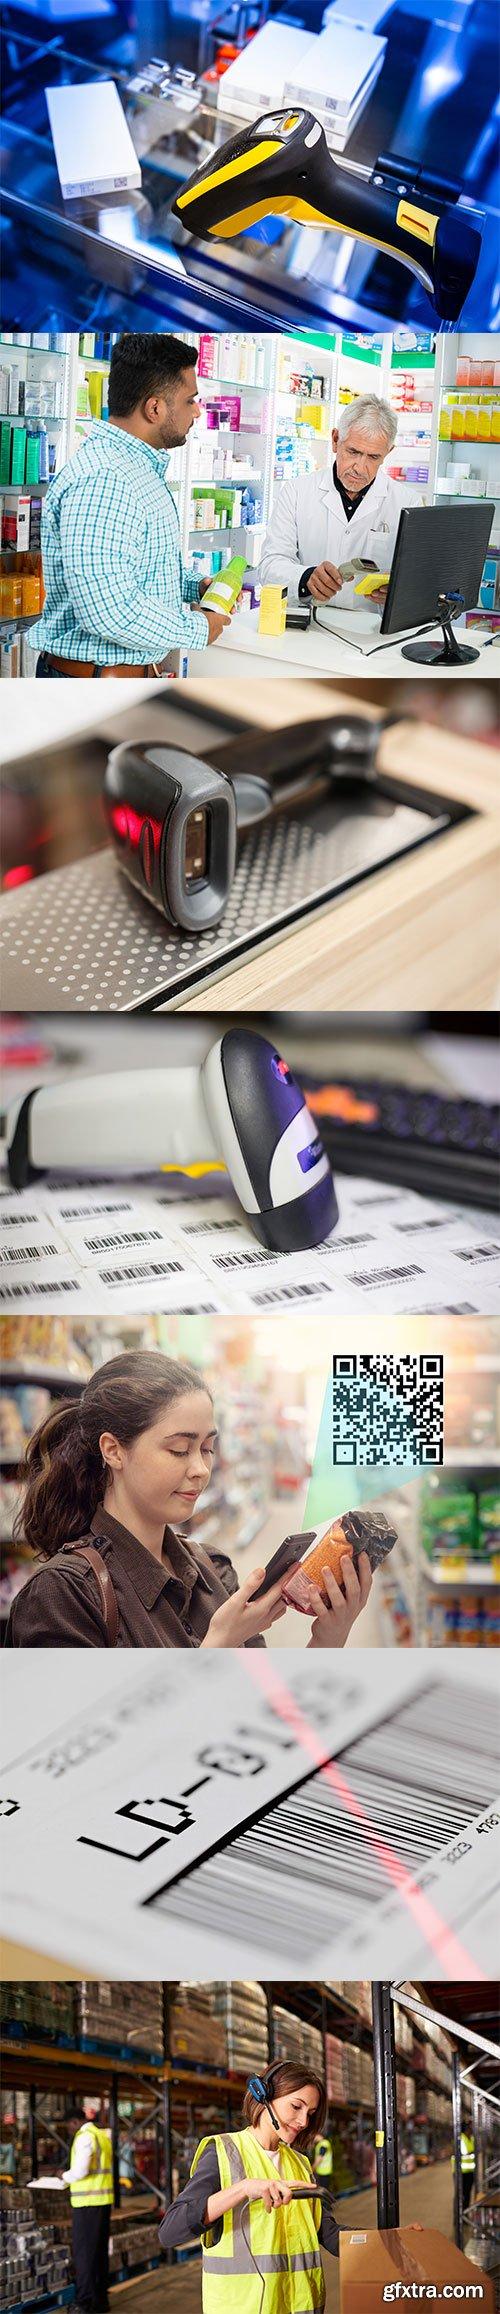 Photo - Barcode Reader - 10xJPGs